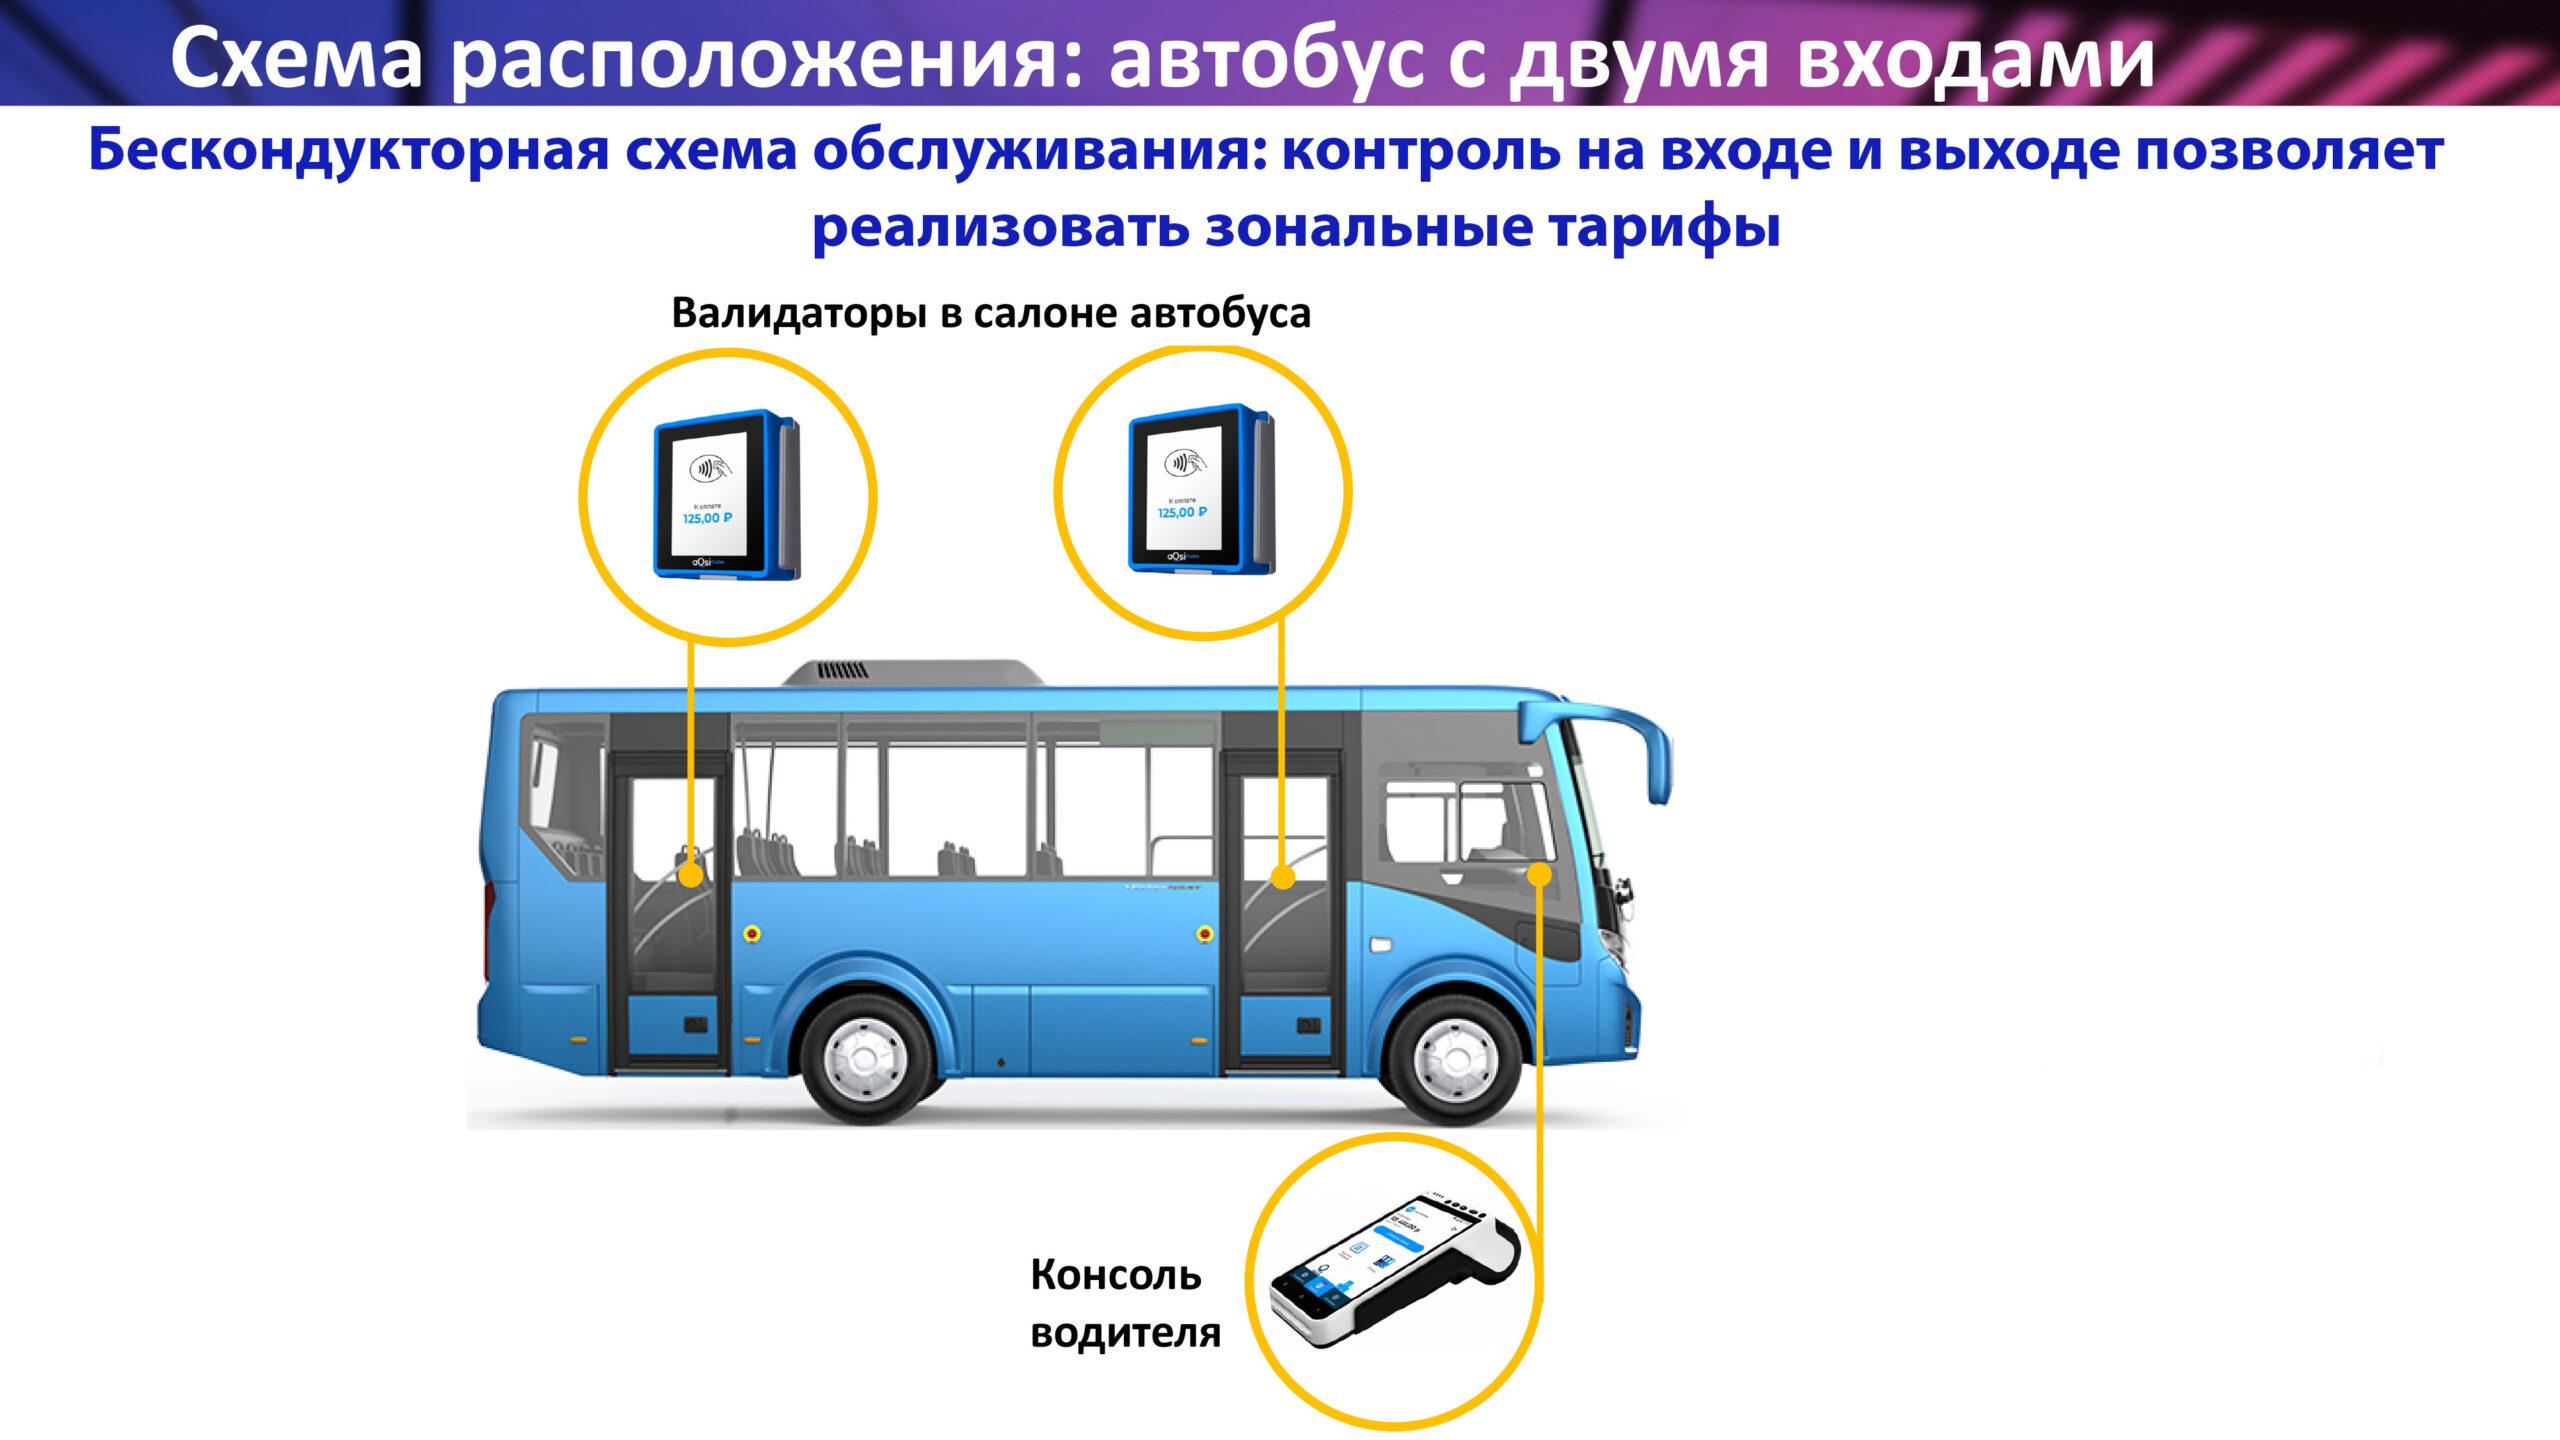 бескондукторная схема обслуживания пассажиров